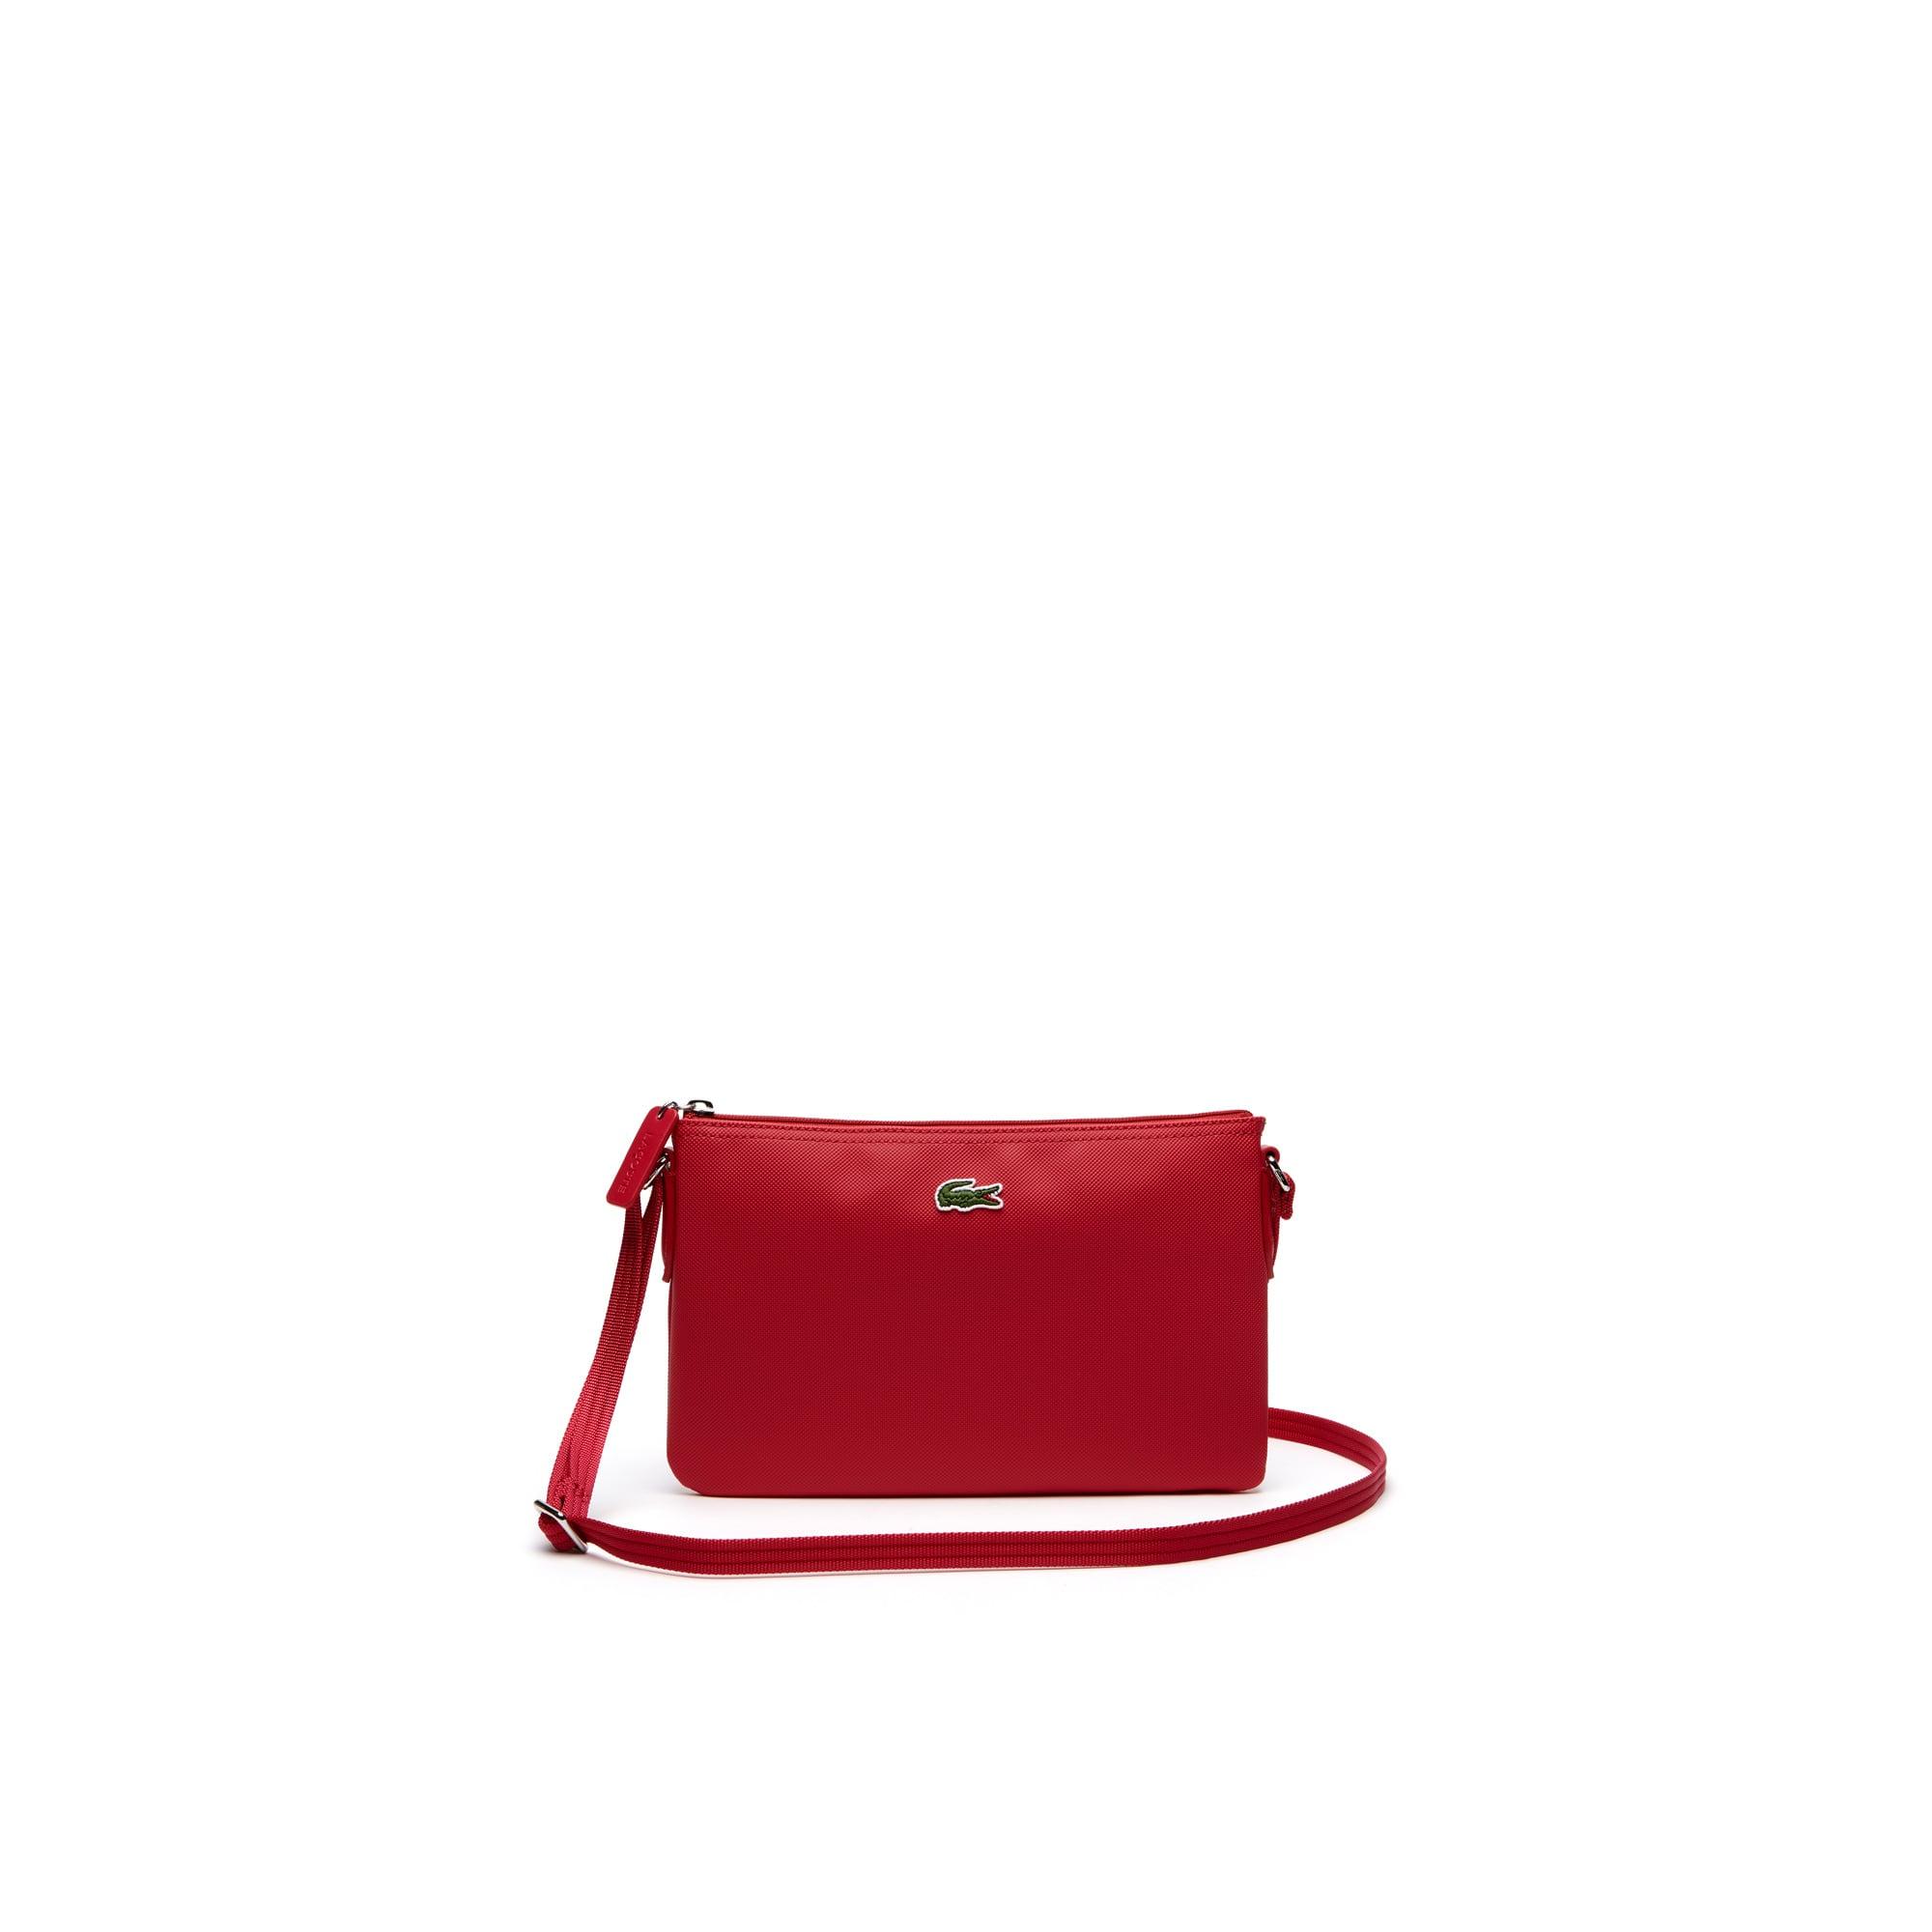 Bolso cruzado de mujer plano de la colección L.12.12 Concept